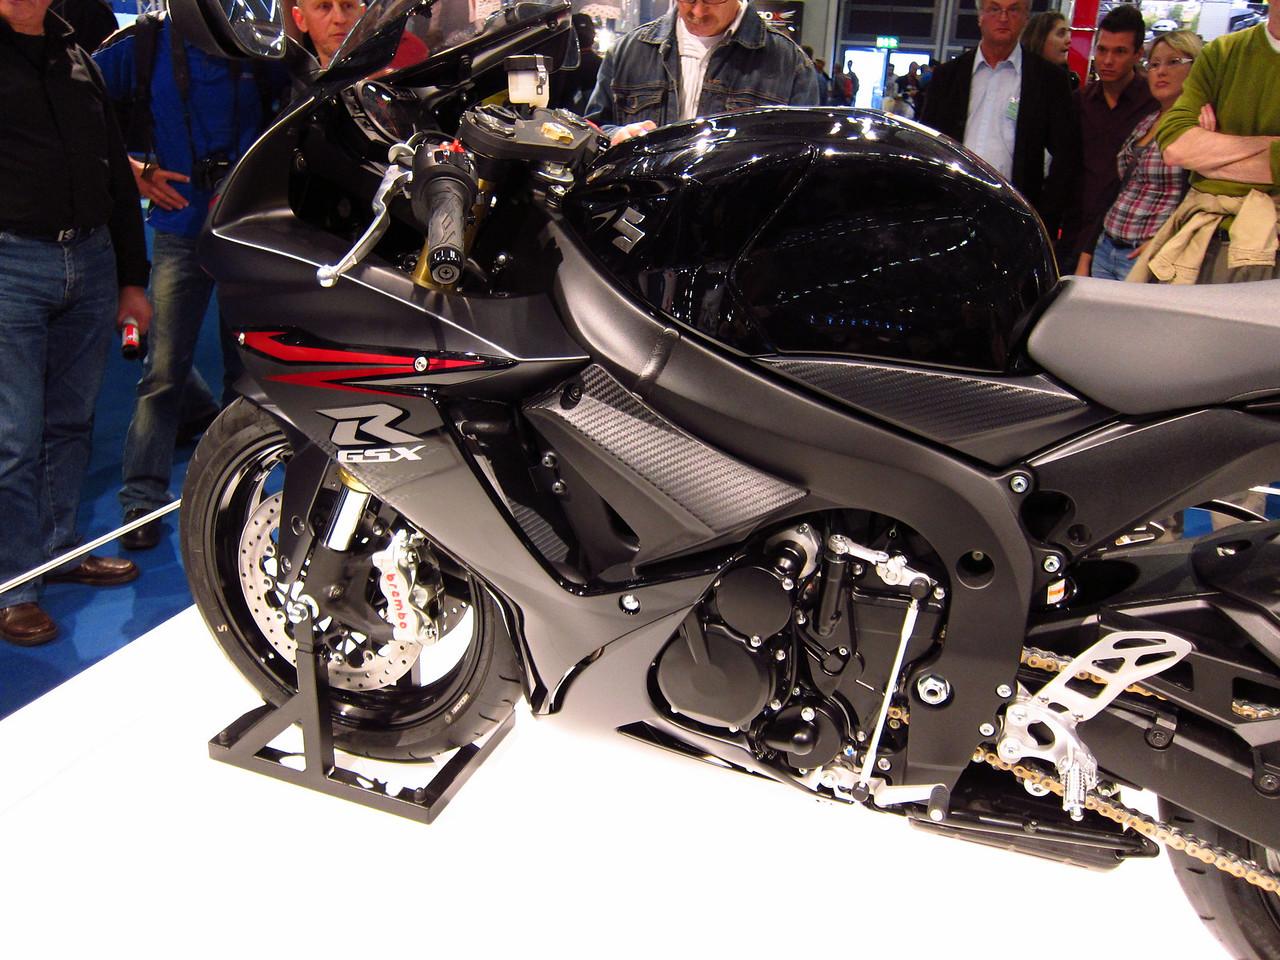 2011 SUZUKI GSX-R - Σελίδα 3 1041876020_6e5CF-X2